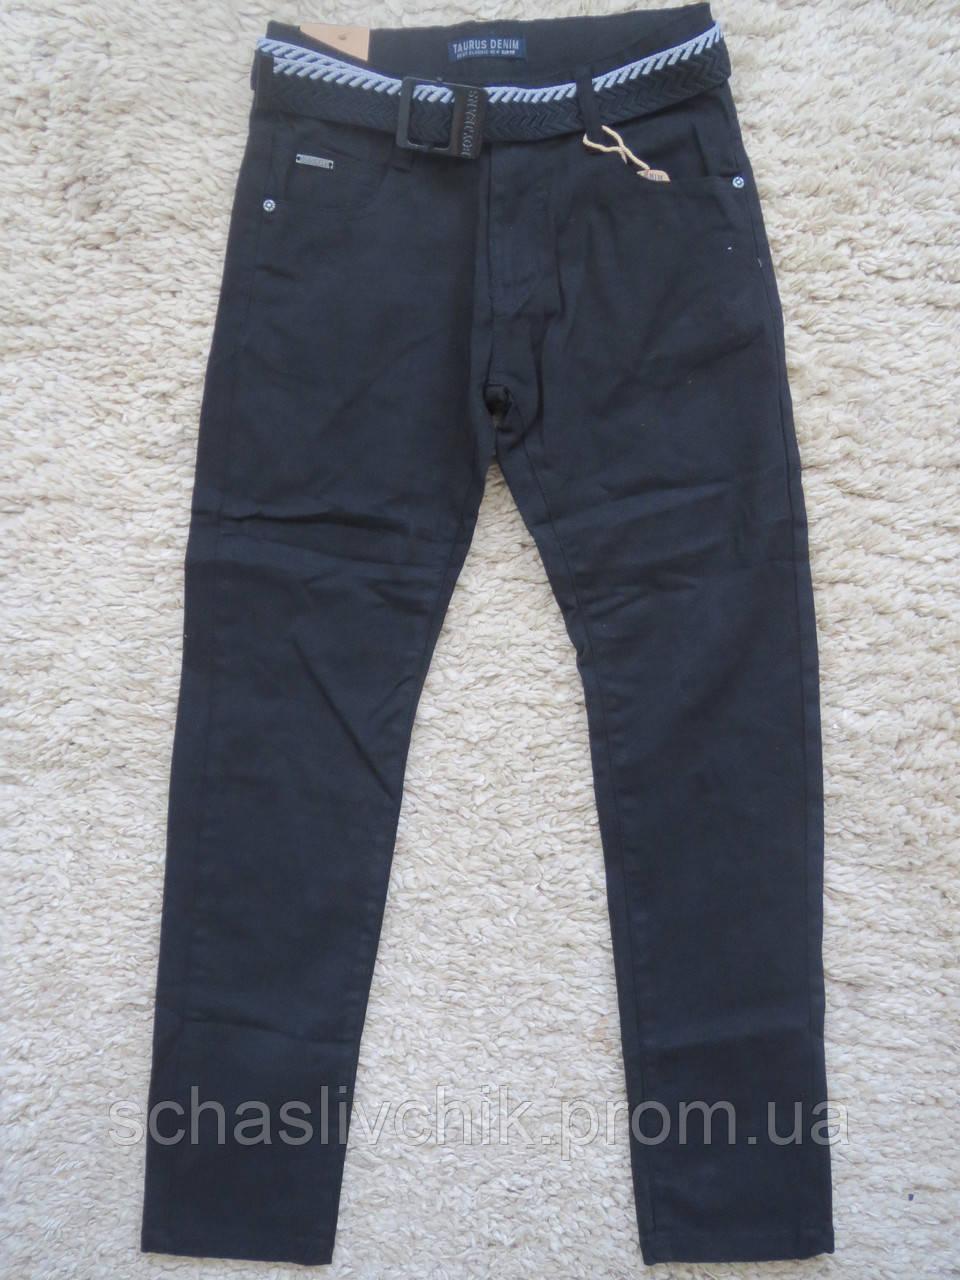 Стильные школьные котоновые брюки для мальчиков ,134-164 размер, Производитель Taurus Венгрия - Щасливчик.укр в Хмельницком